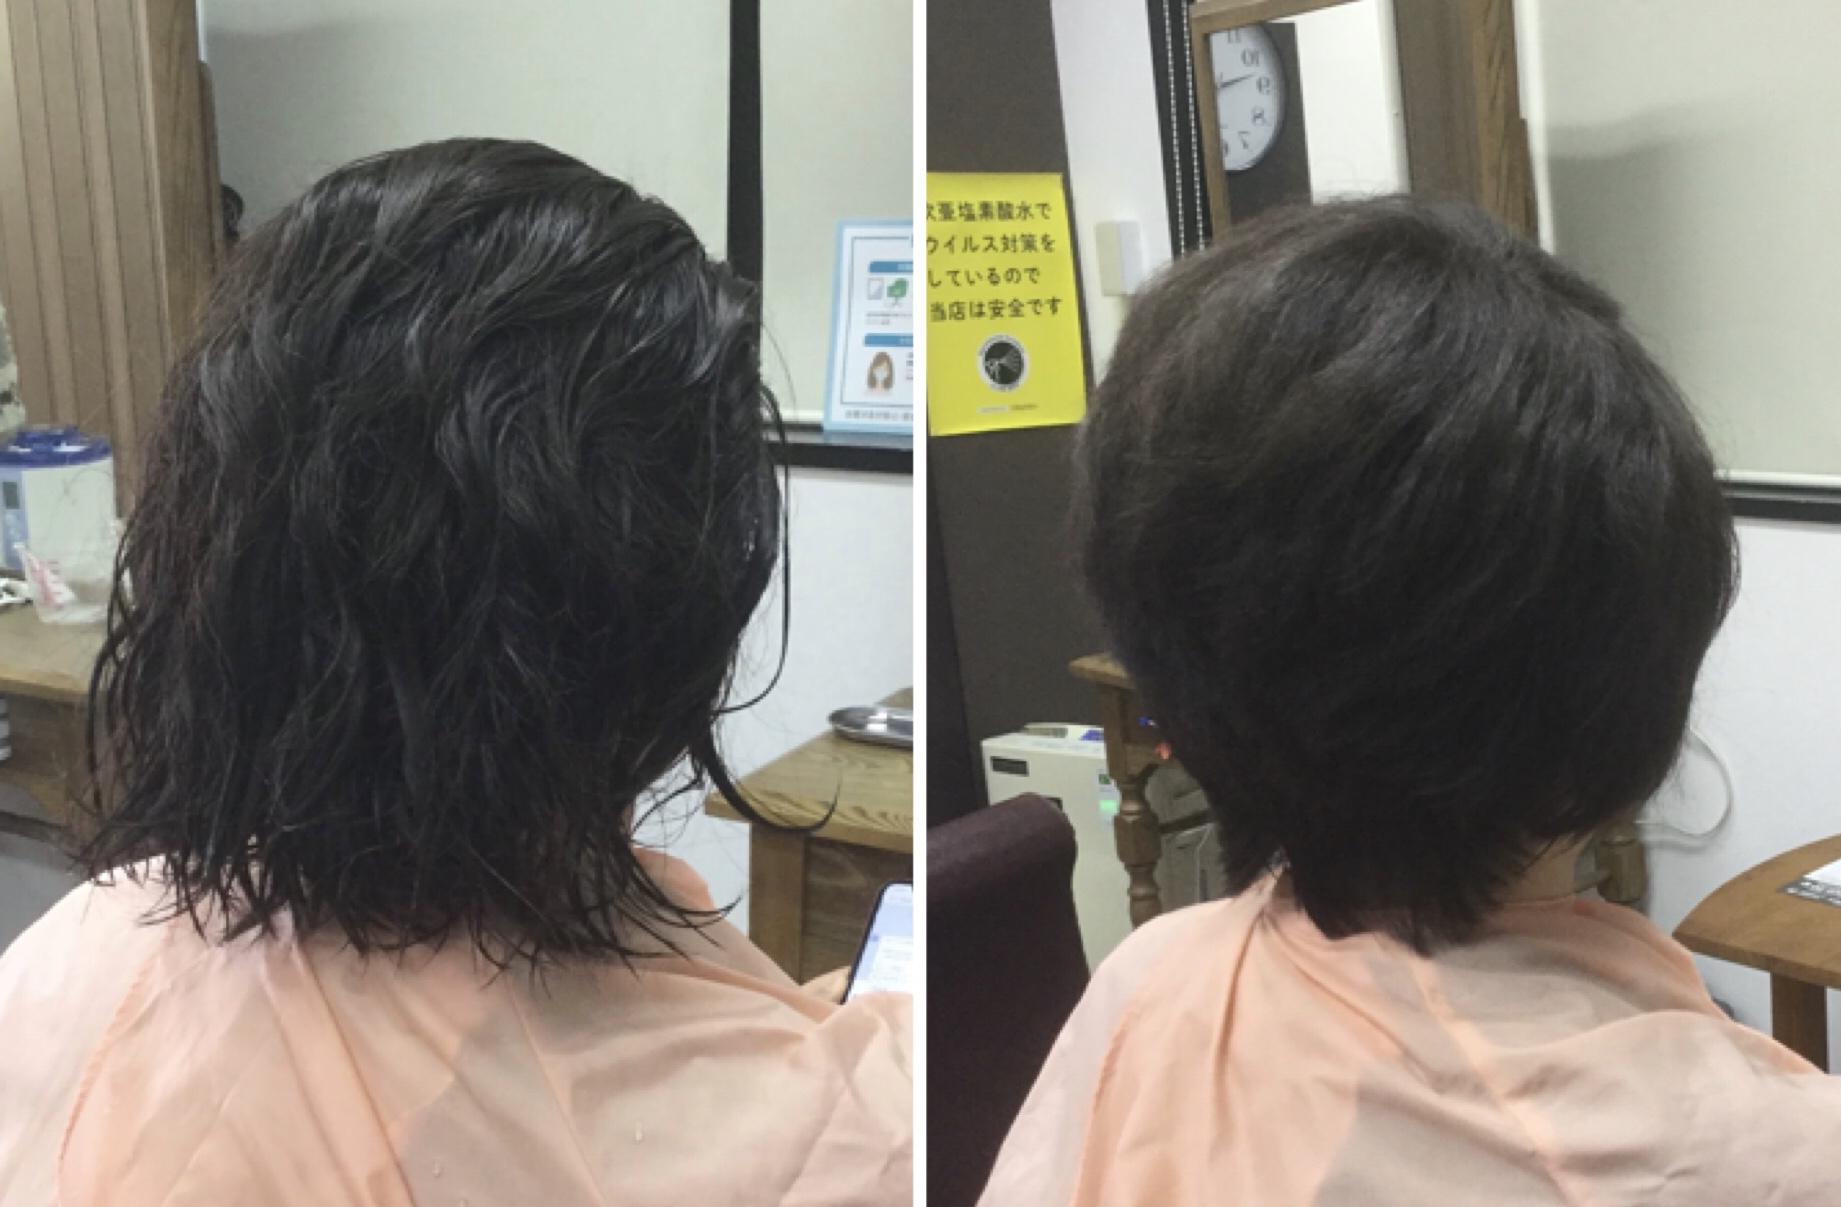 くせ毛は短い方が落ち着いてくれるのでキュビズムカット®︎と国産100%美らヘナ®︎